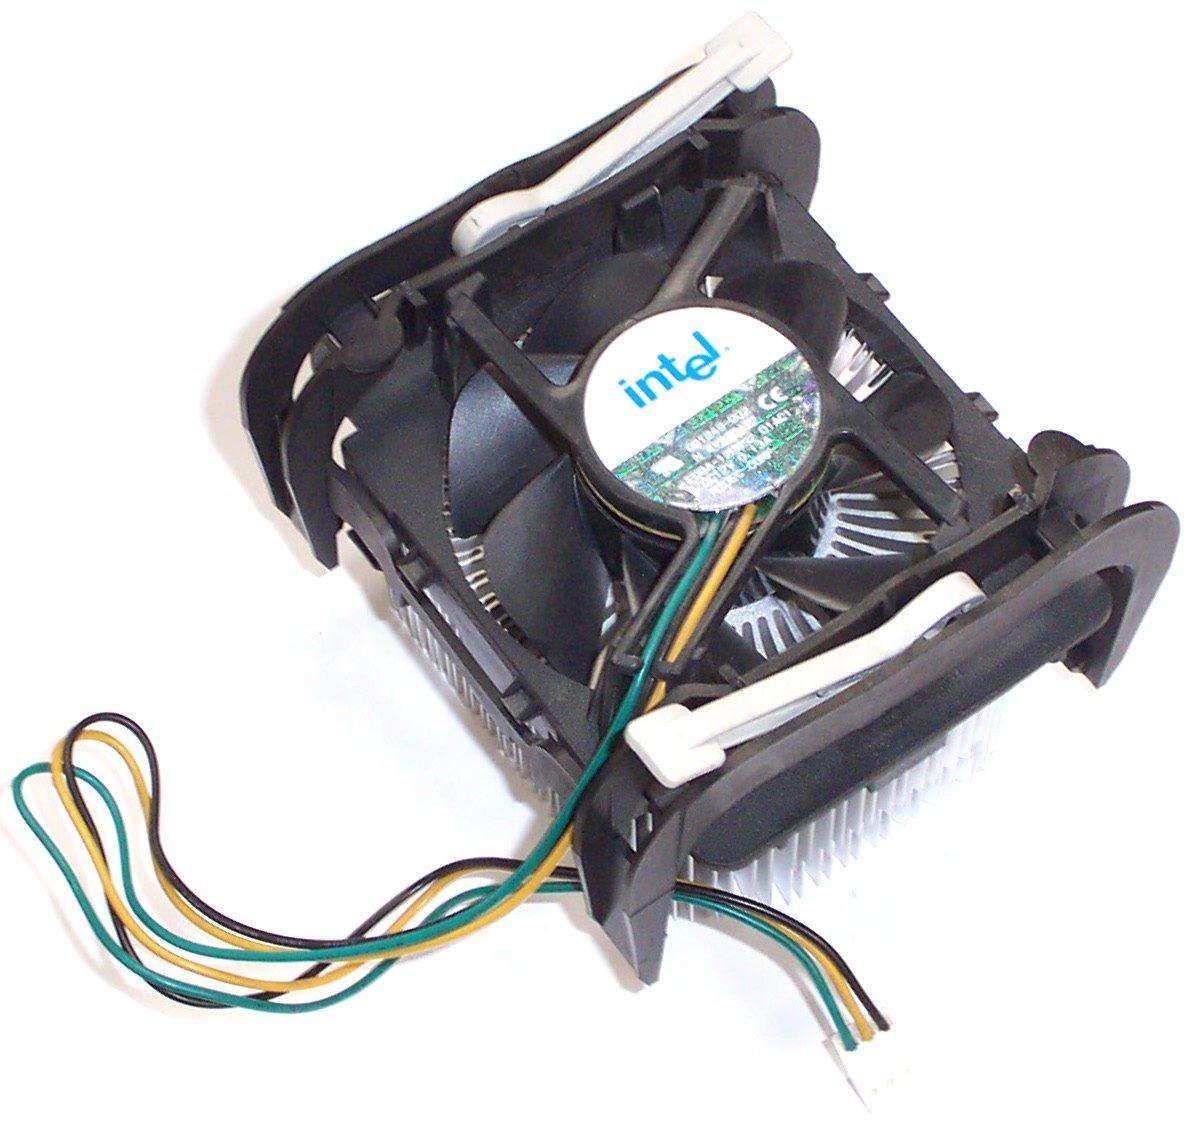 Кулер для процессора Intel original (C91249-002), s478